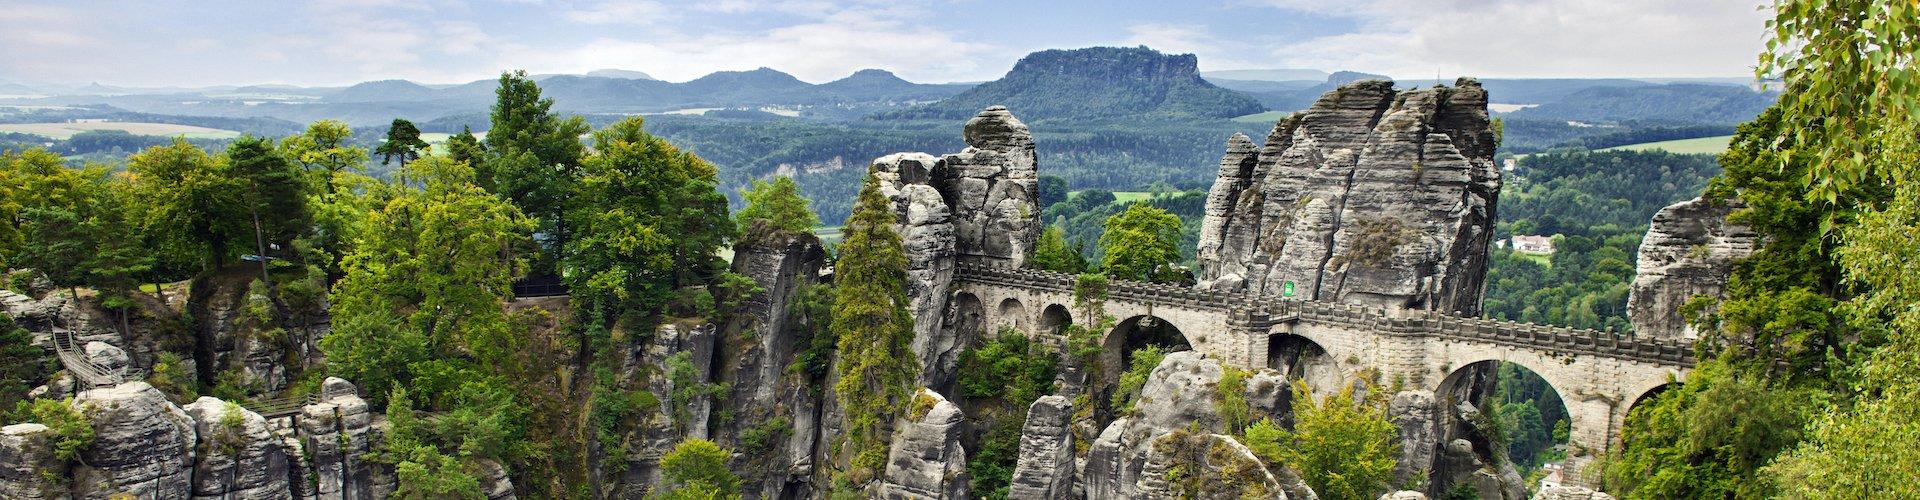 Ausflugsziel Nationalpark Sächsische Schweiz